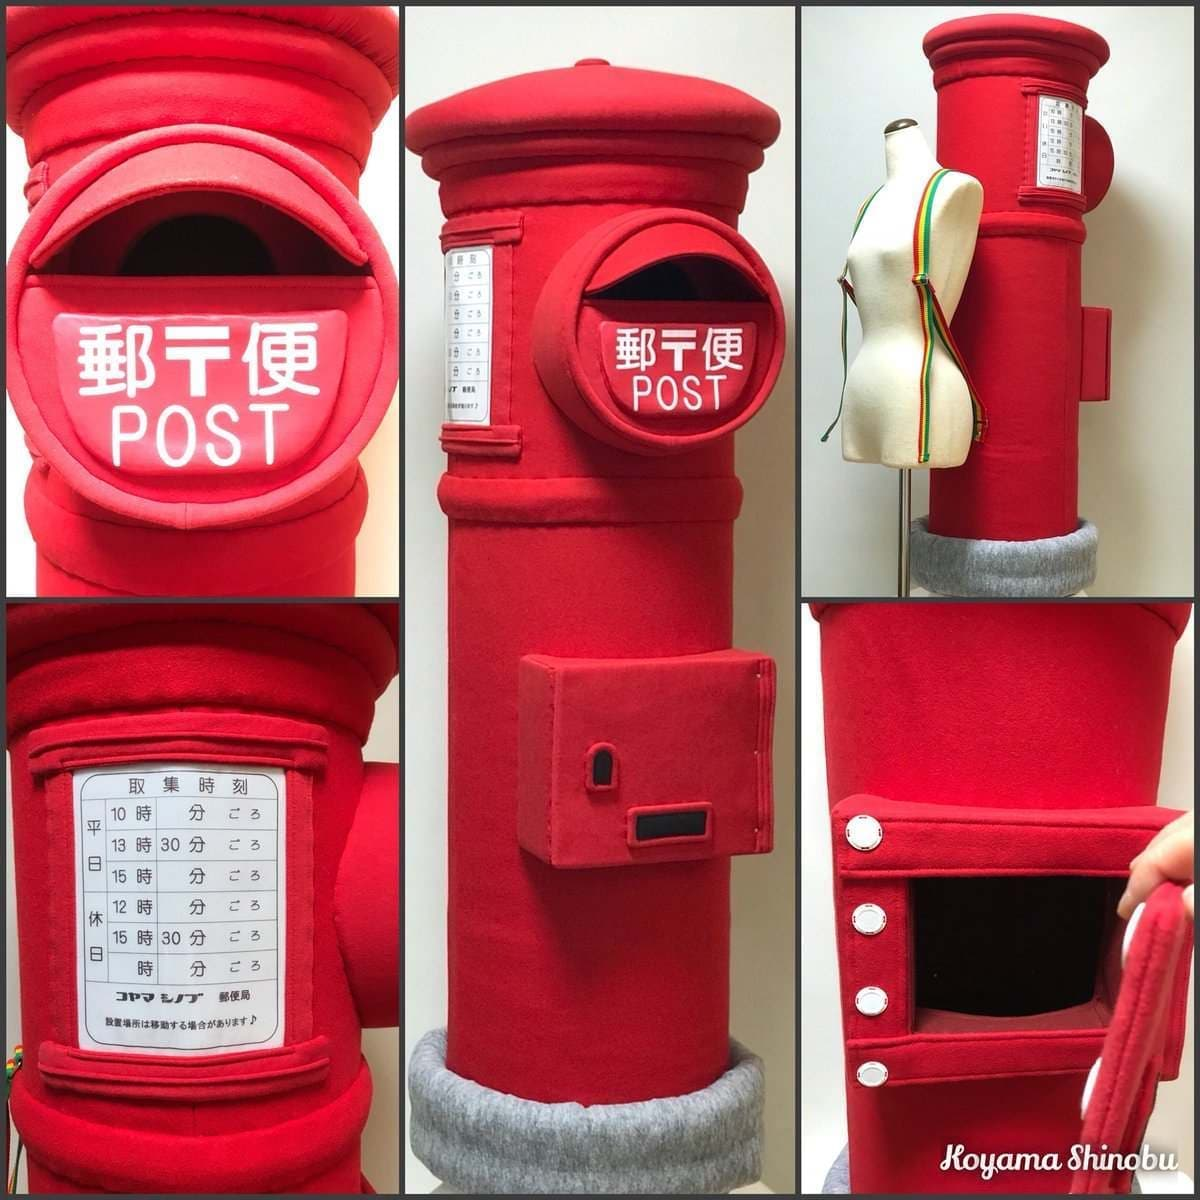 郵便ポスト型リュックの展示販売、5月11日開始